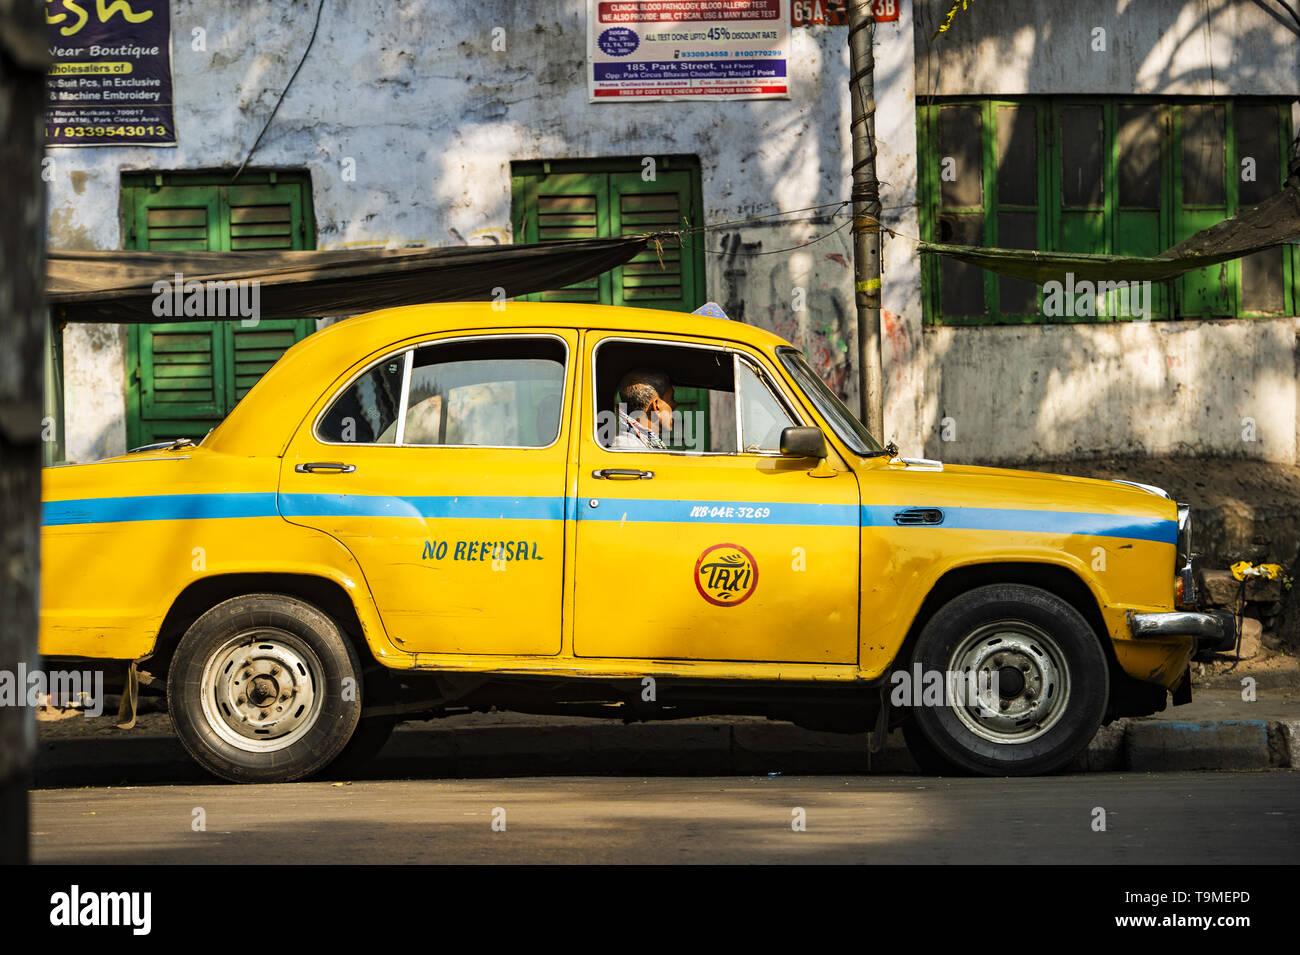 Ein Taxifahrer wartet auf Fahrgäste in Kalkutta, Indien. Stockfoto